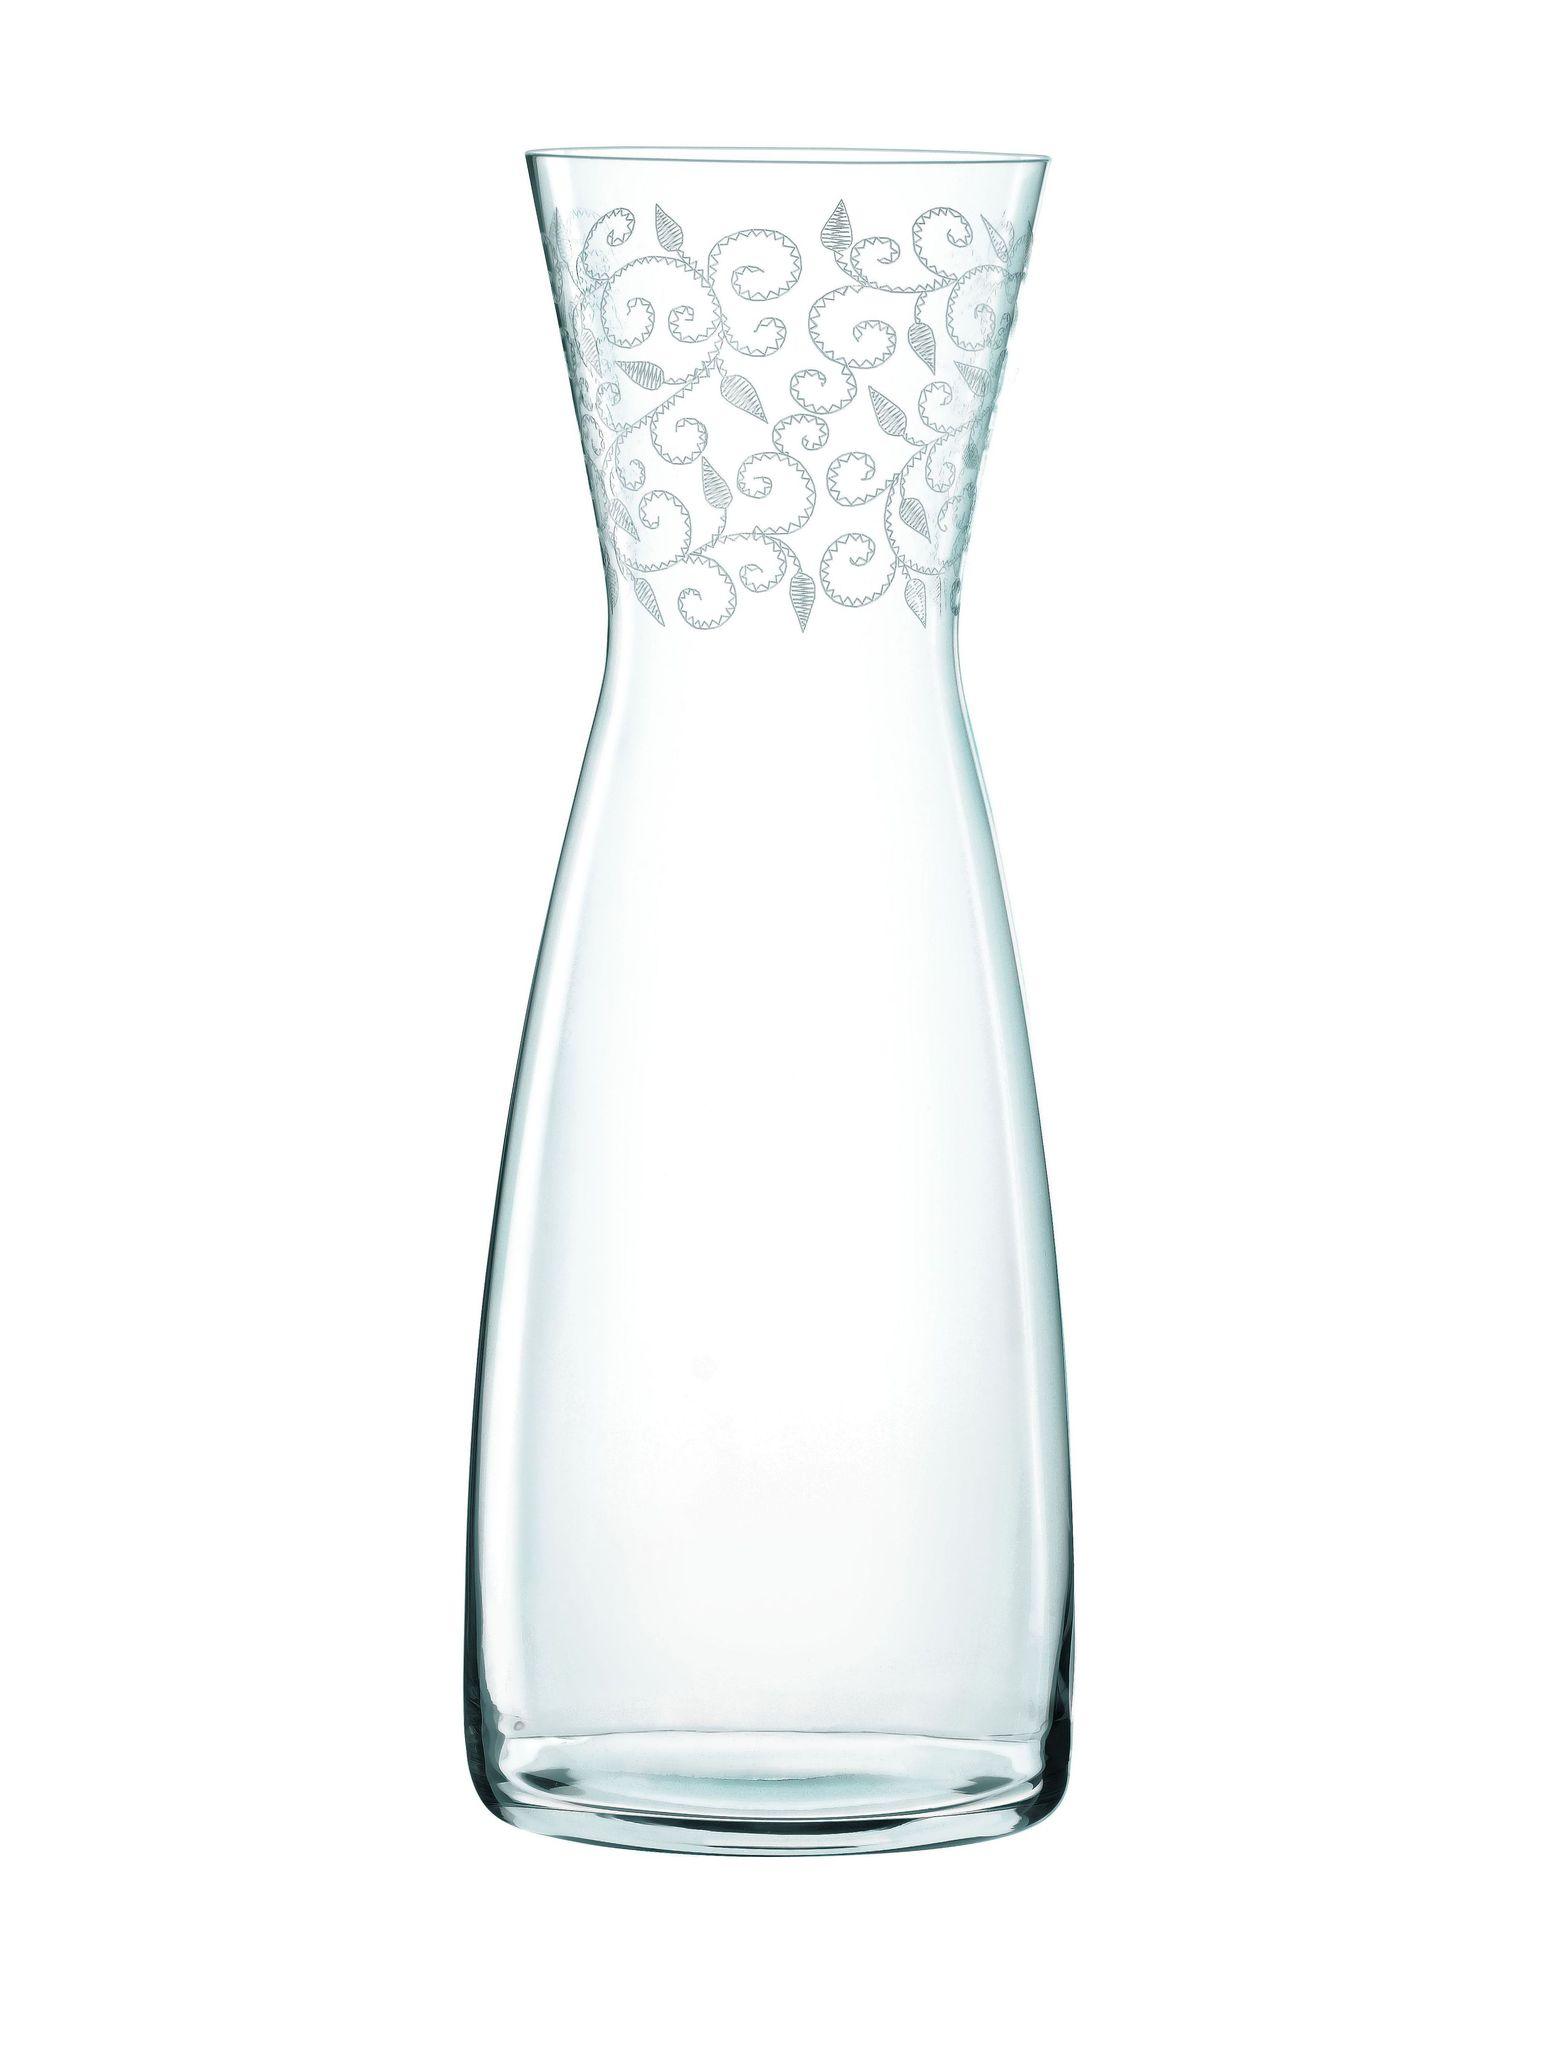 Декантеры Декантер для вина 1100 мл Nachtmann Delight dekanter-dlya-vina-1100-ml-nachtmann-delight-germaniya.jpg